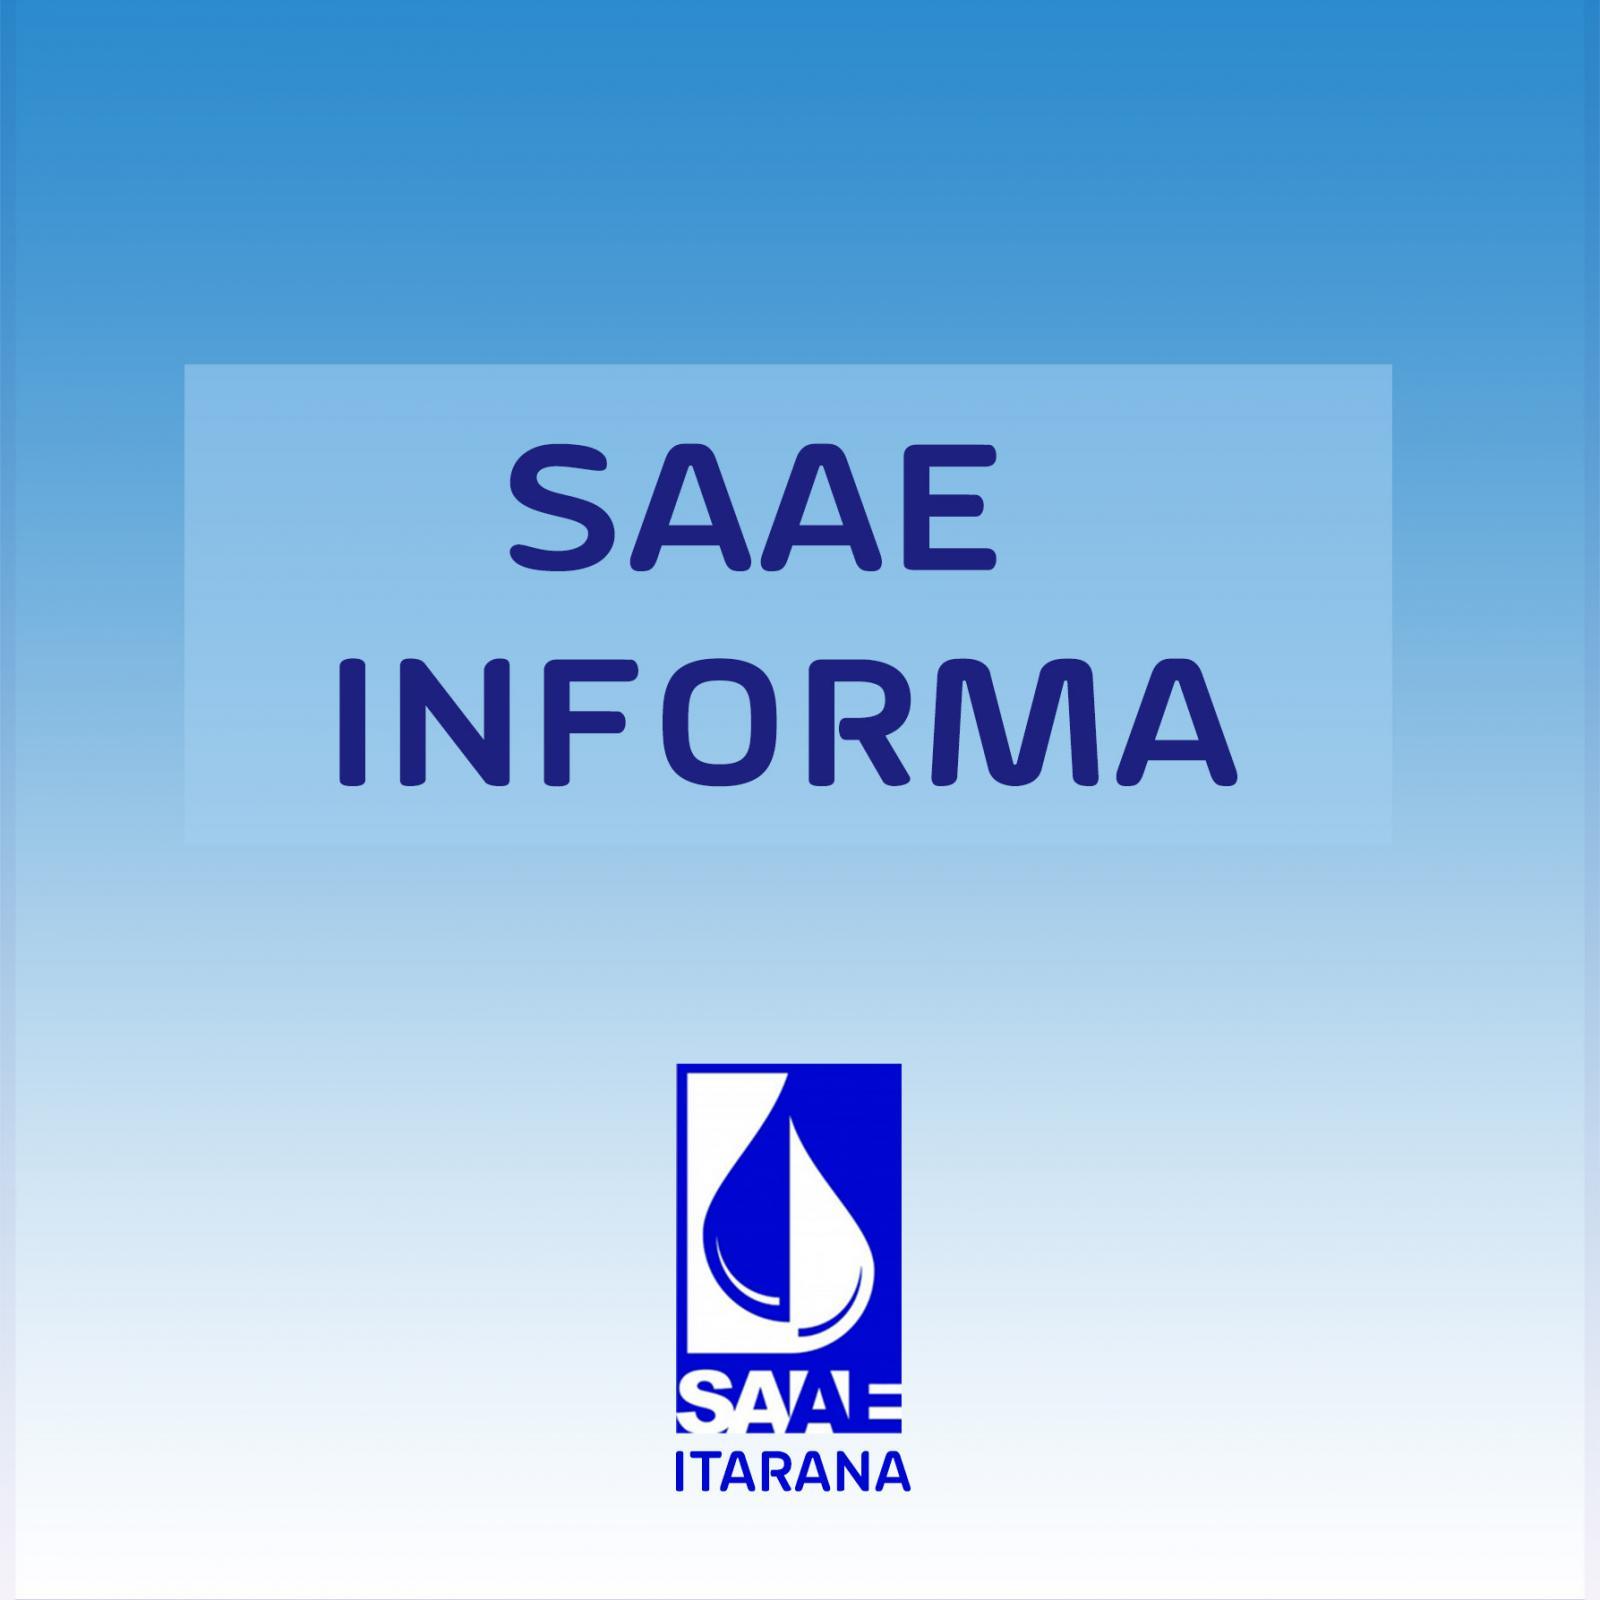 SAAE: Abastecimento de água será suspenso nesta quinta-feira (29), para manutenção da Estação de Tratamento